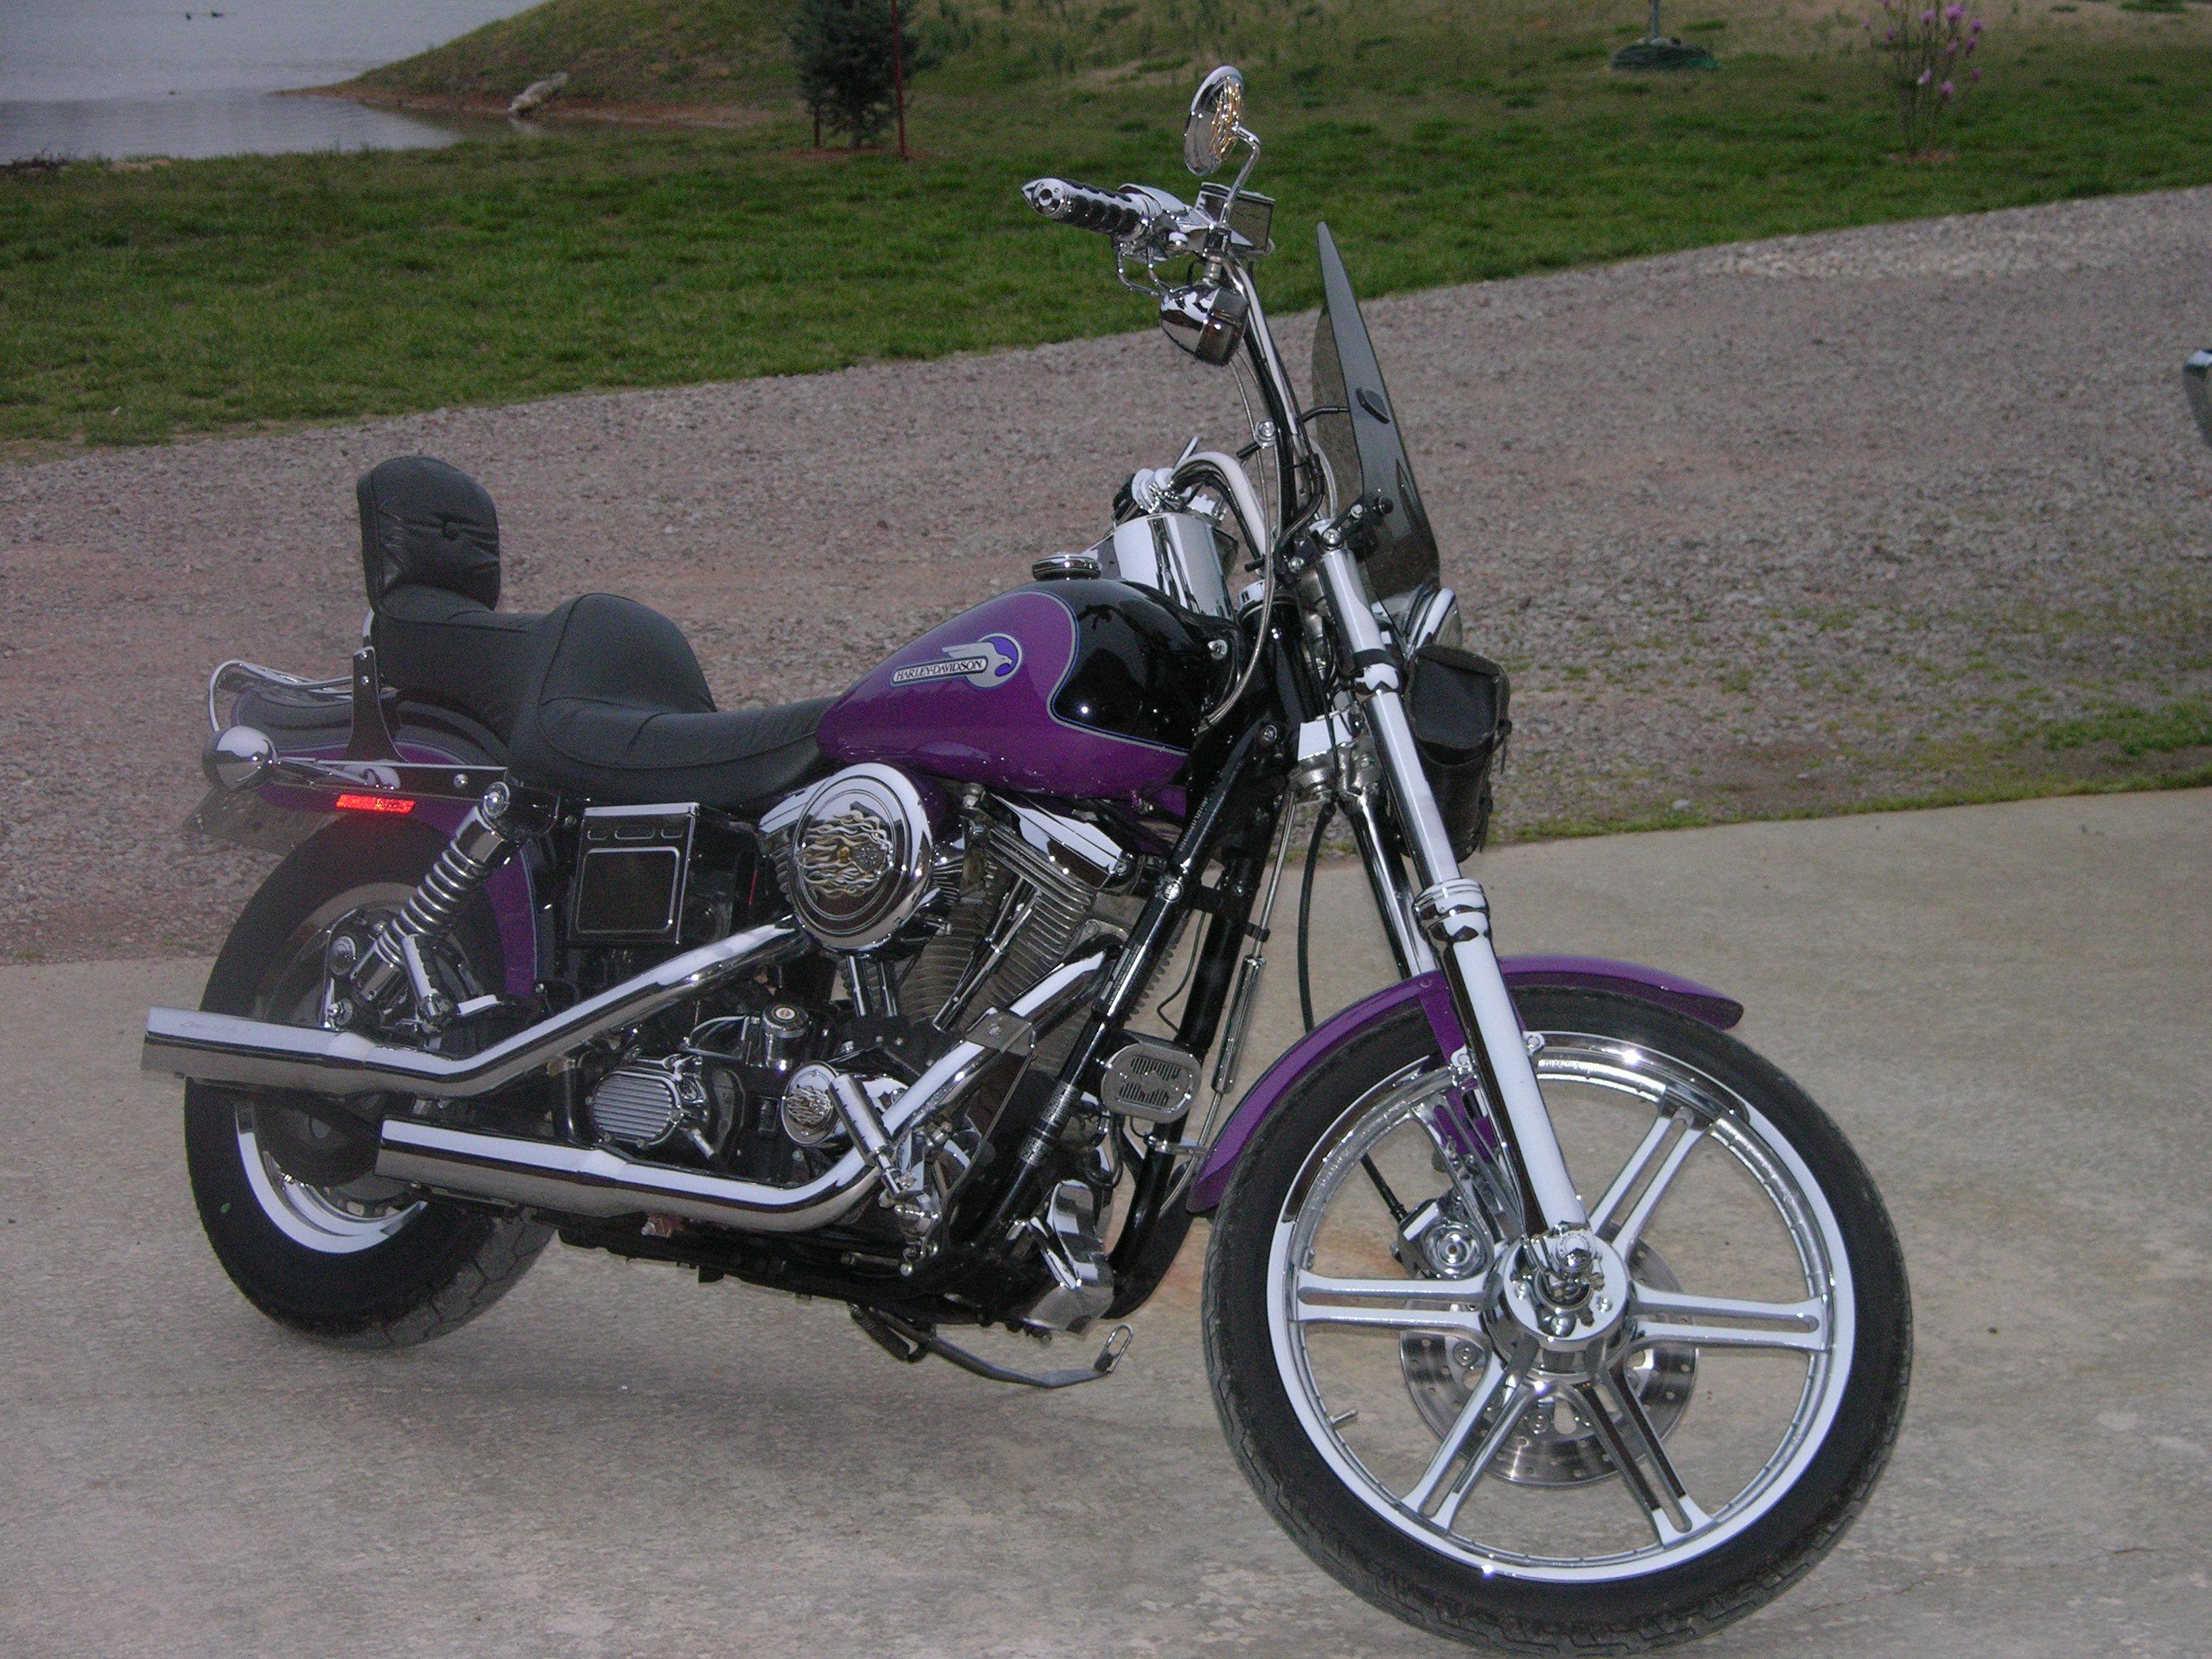 Harley Davidson Dyna Glide Wikipedia